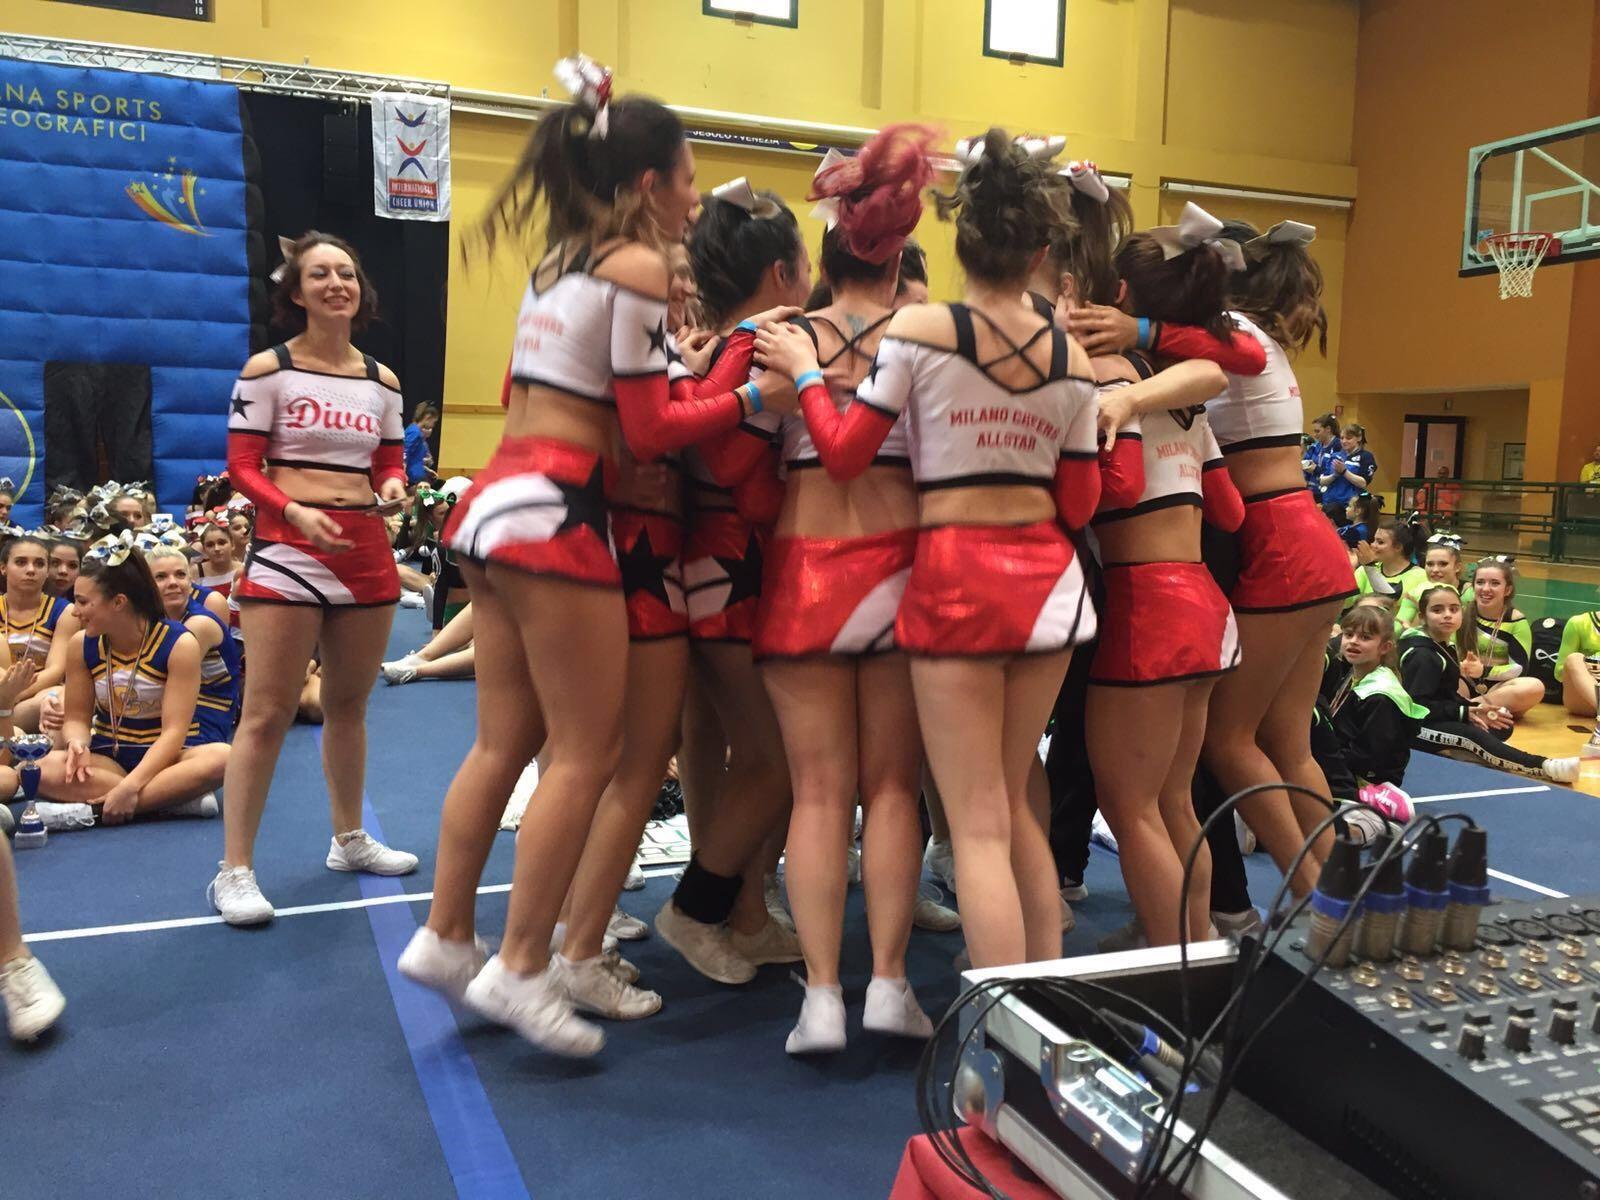 milano cheers cheerleading 3